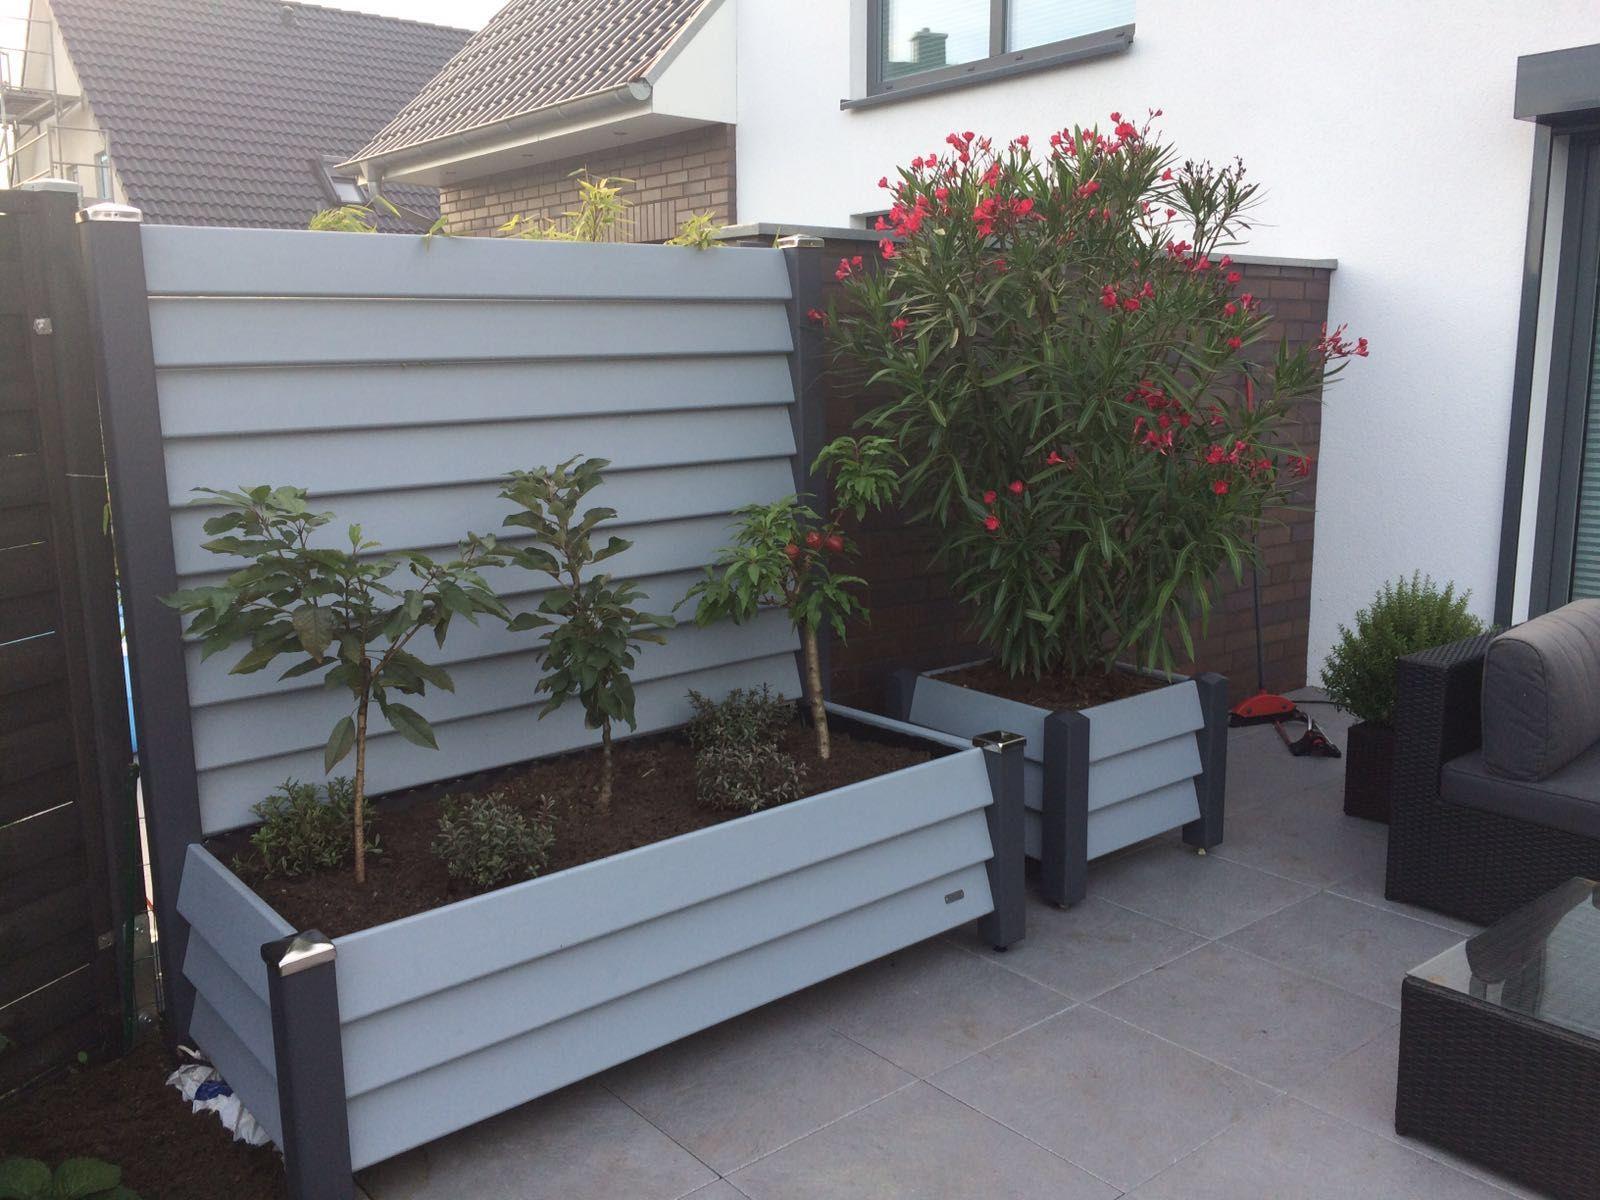 gartengestaltung pflege balkon balkon sichtschutz moglichkeiten l, Gartengerate ideen